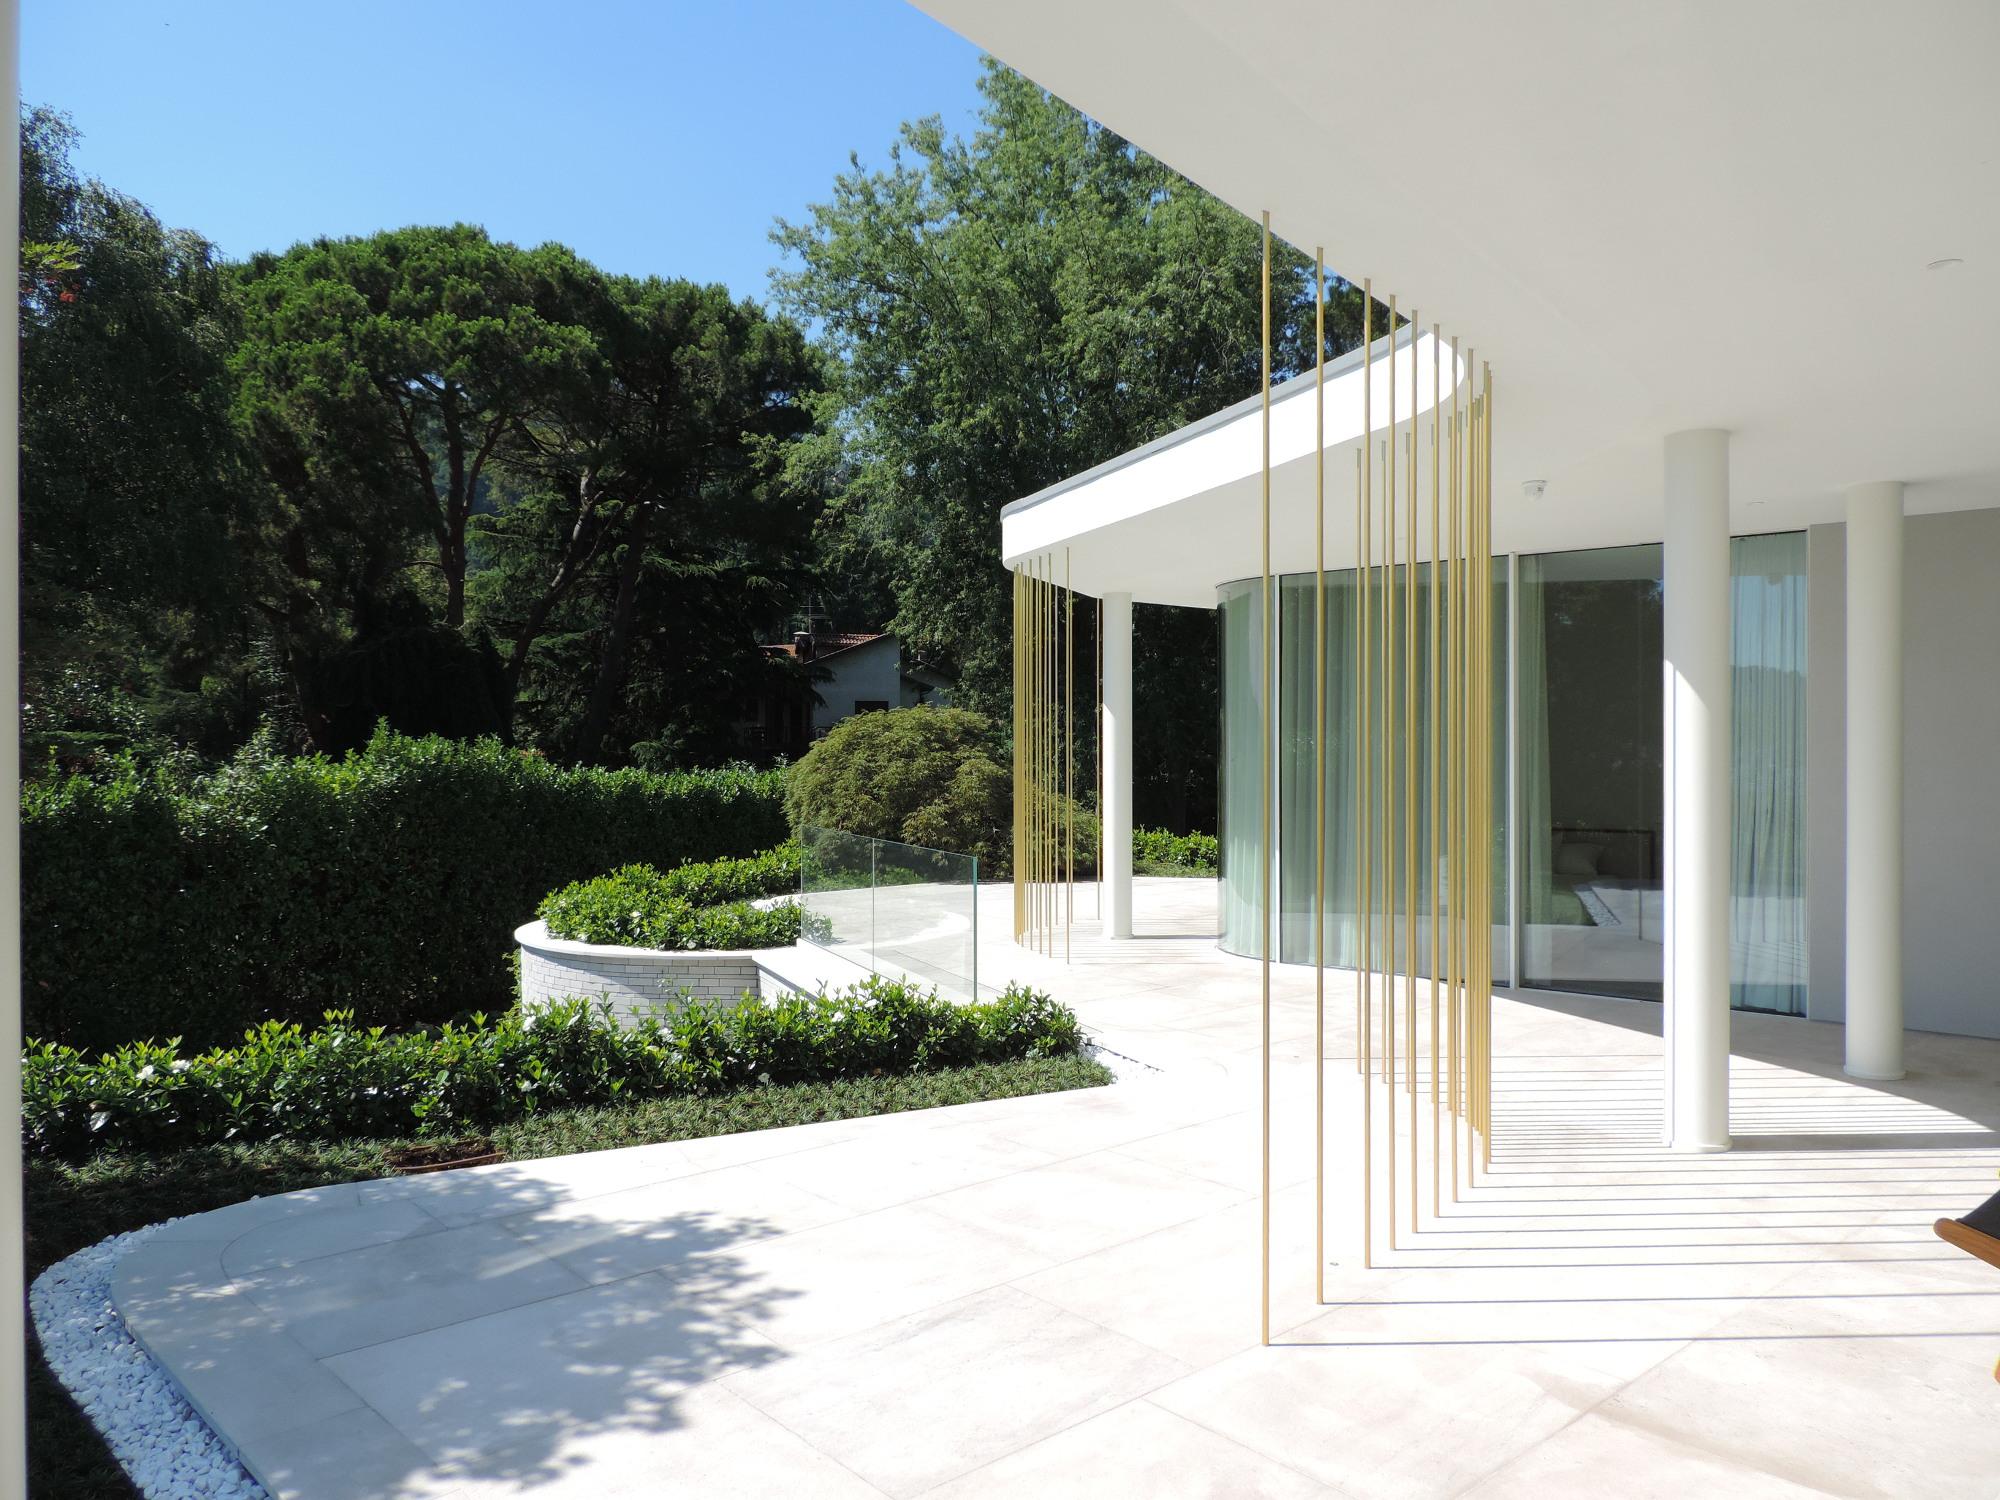 0718_RobertoManzetti-Architetto-NeuHouse-12